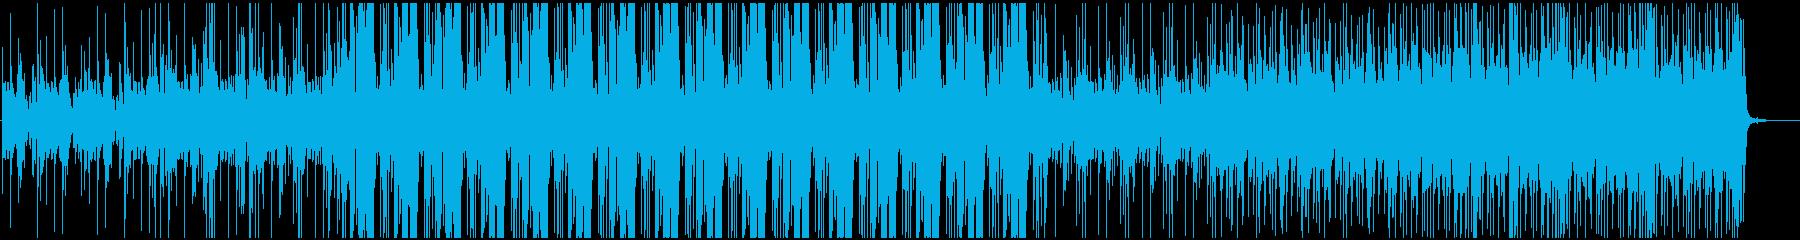 切迫感と着信情報の処理を備えた、深...の再生済みの波形